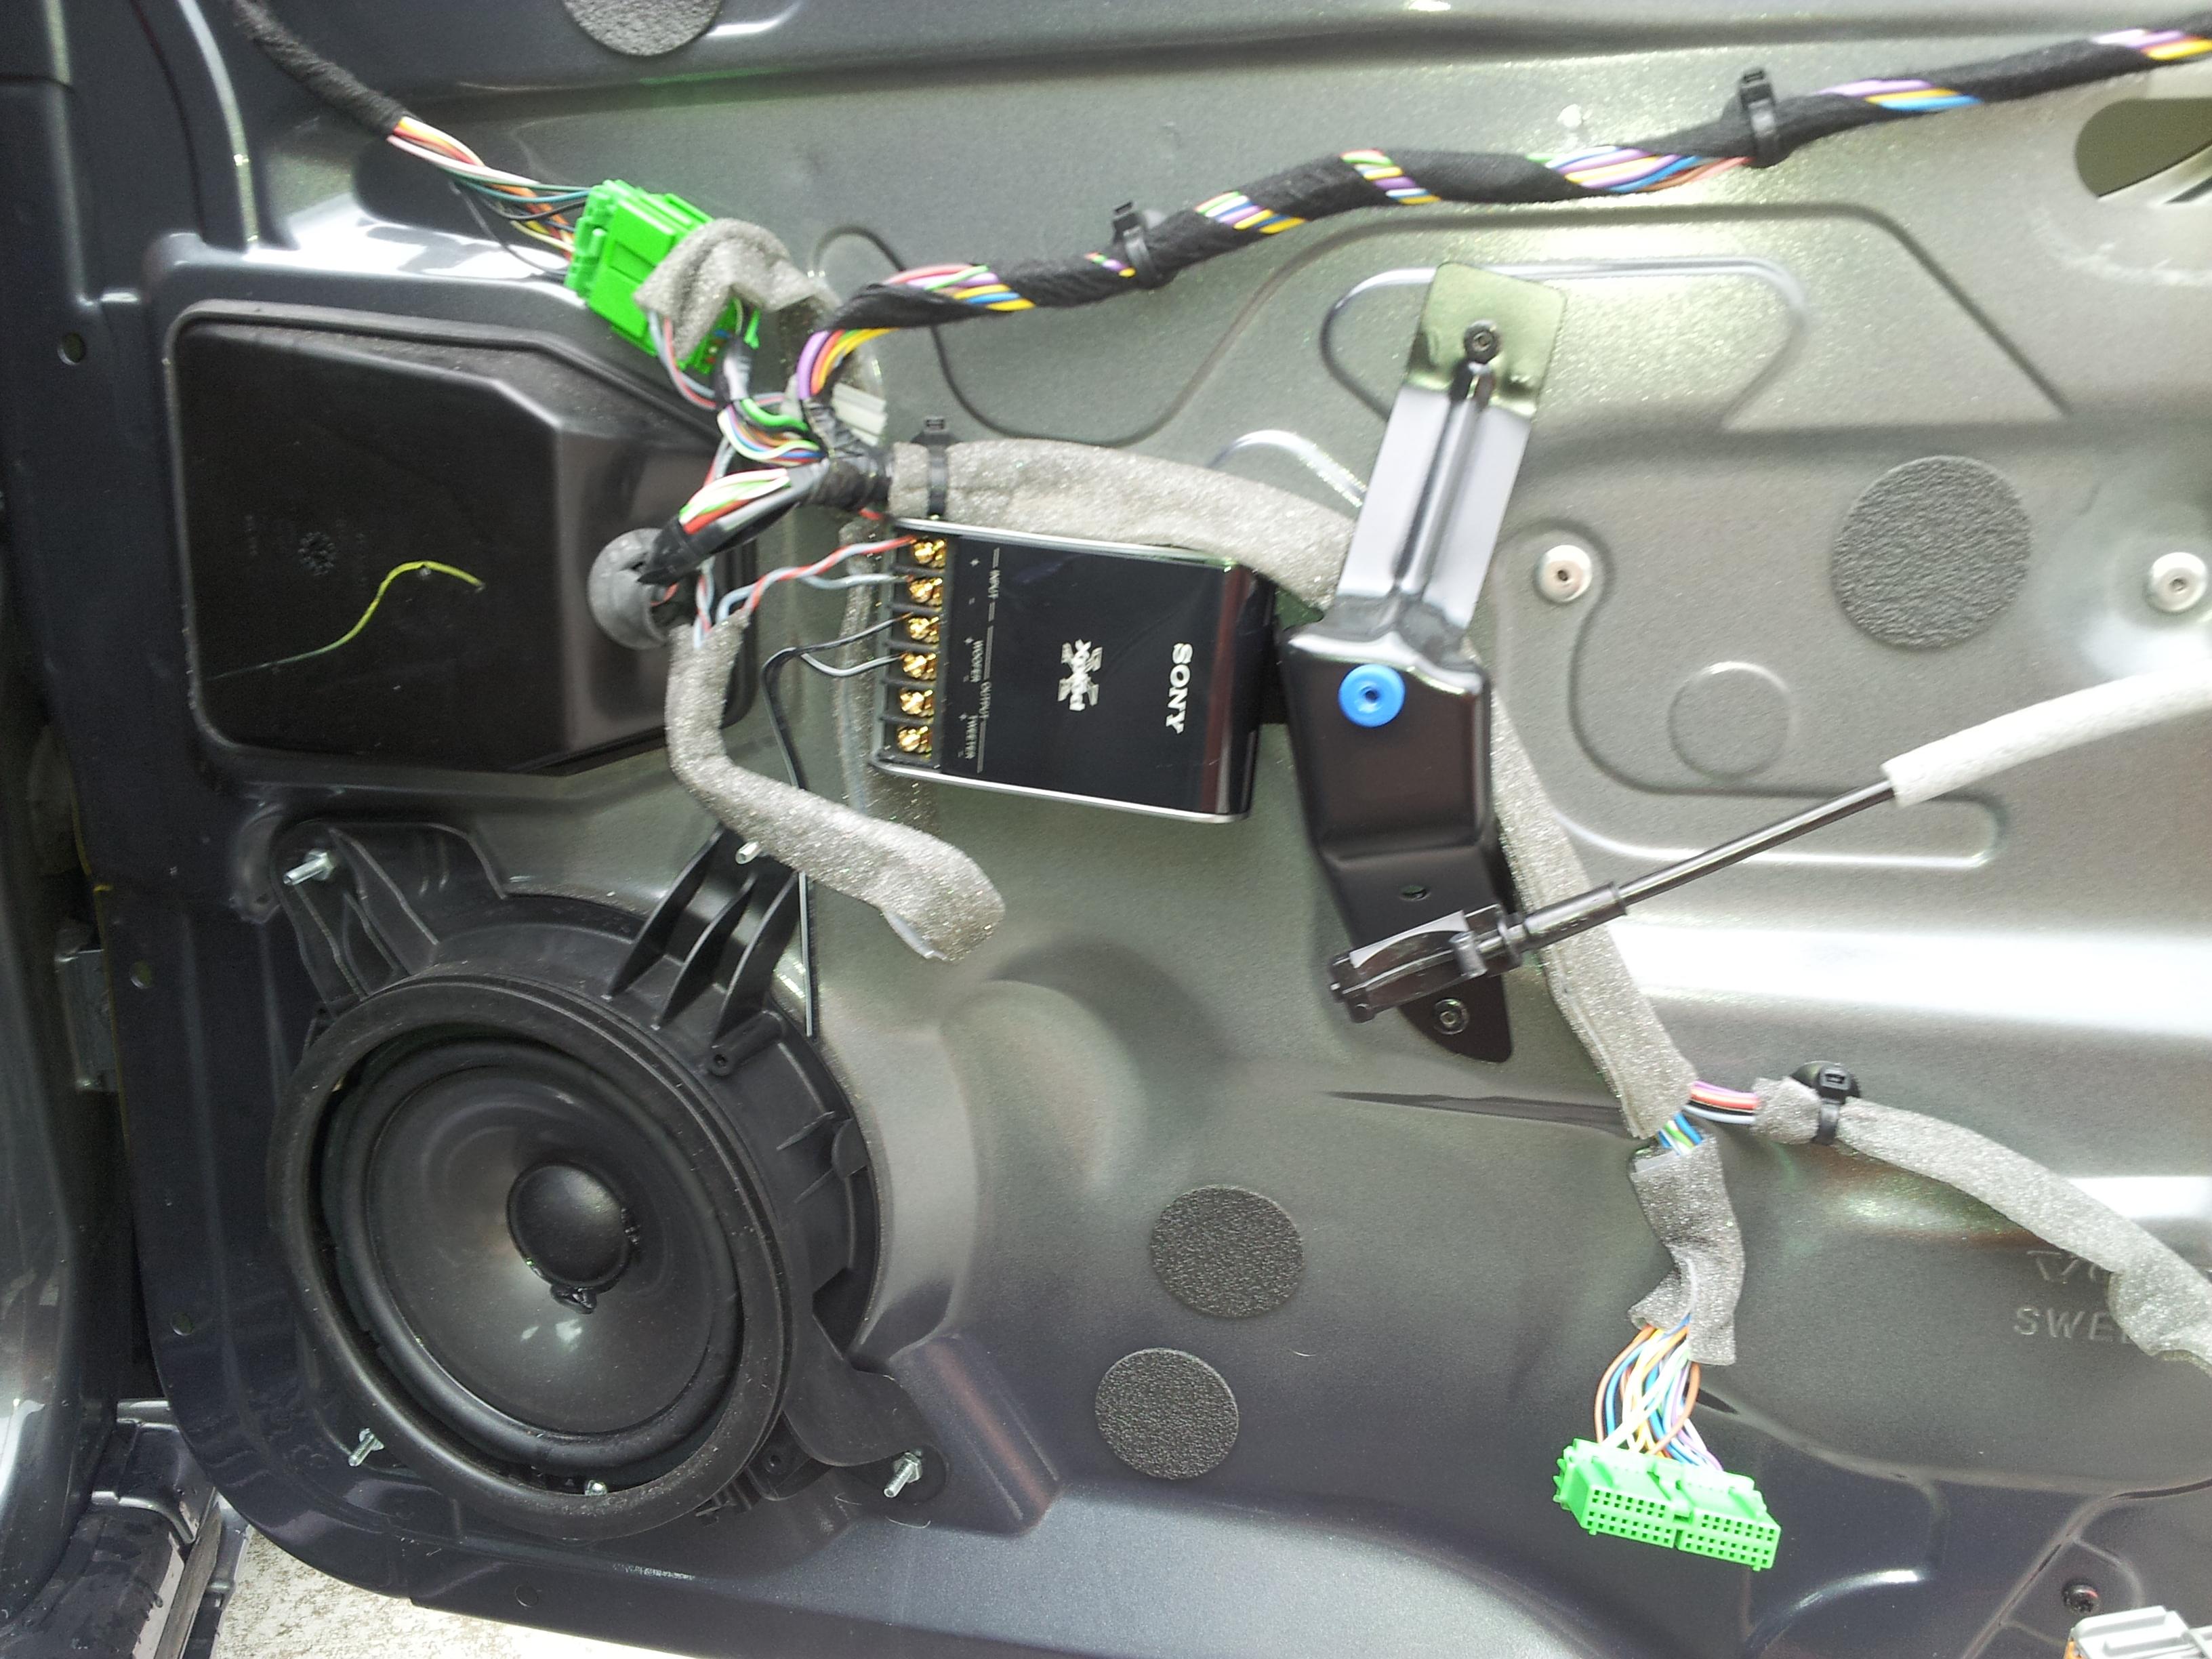 volvo s60 audio wiring diagram schematics and wiring diagrams volvo s40 wiring diagram radio diagrams schematics ideas